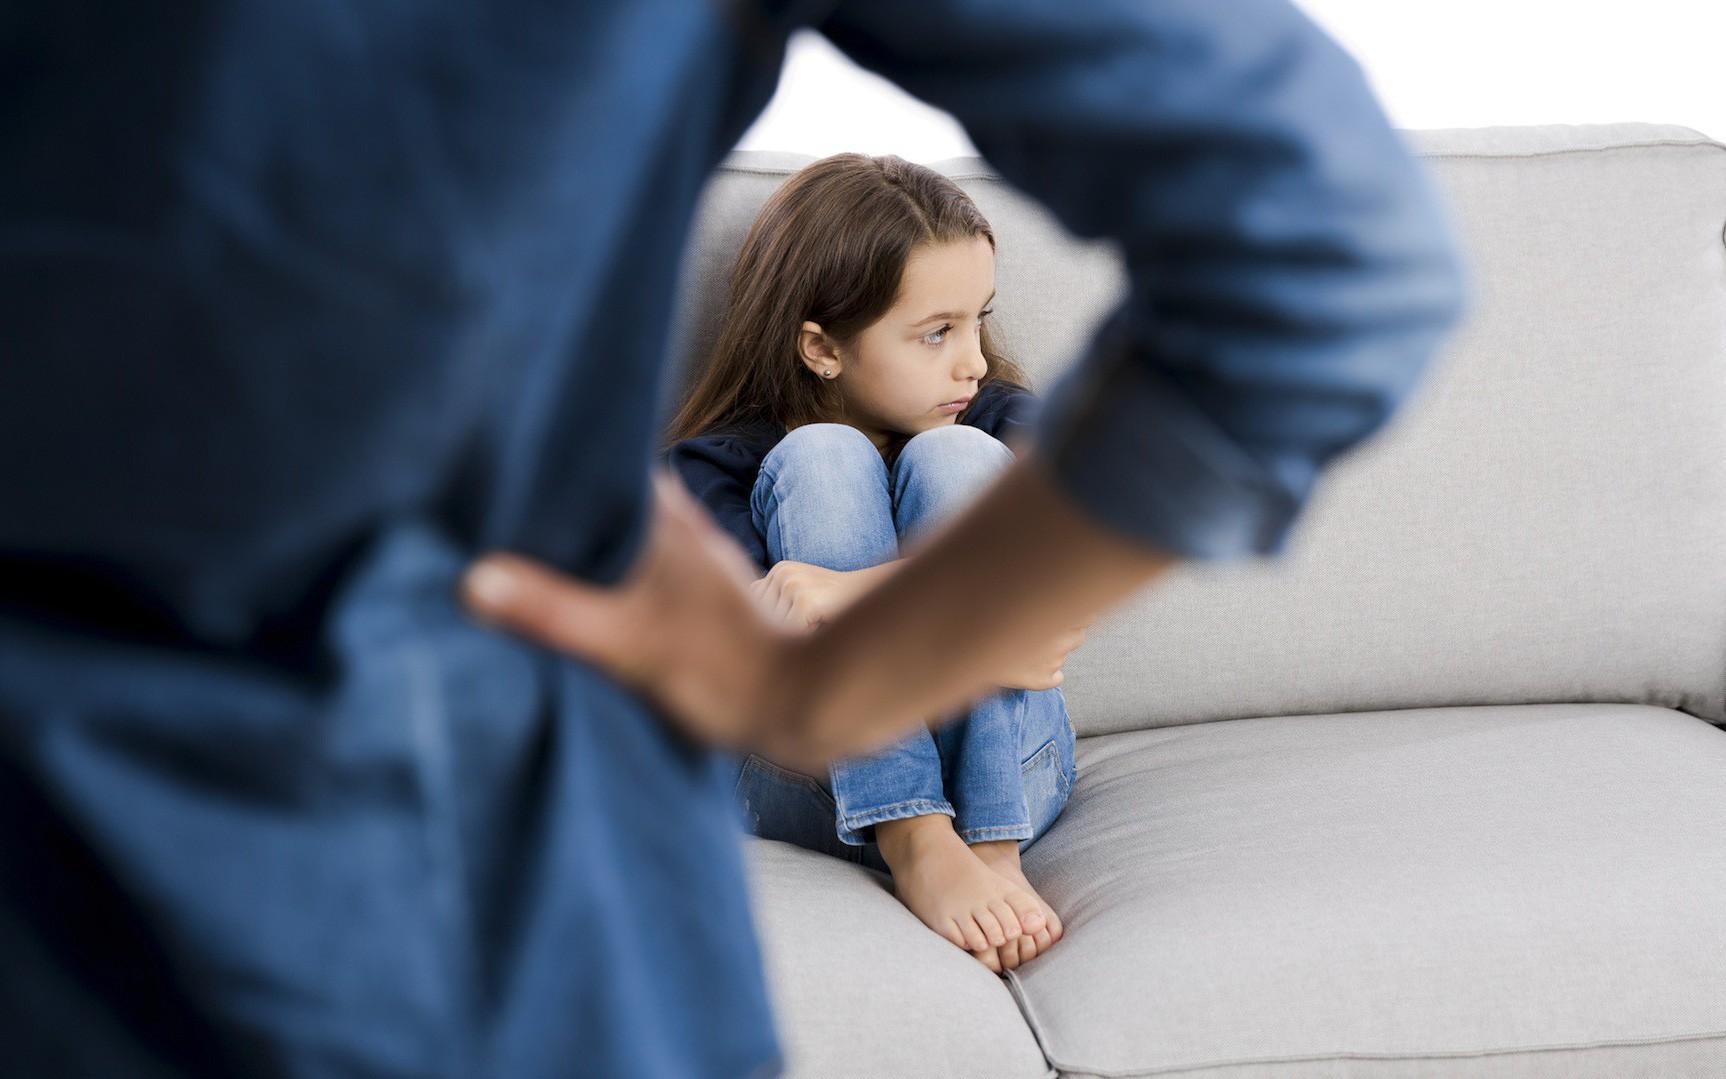 7 điều chỉ có anh chị cả trong gia đình mới thật sự thấu hiểu - Ảnh 3